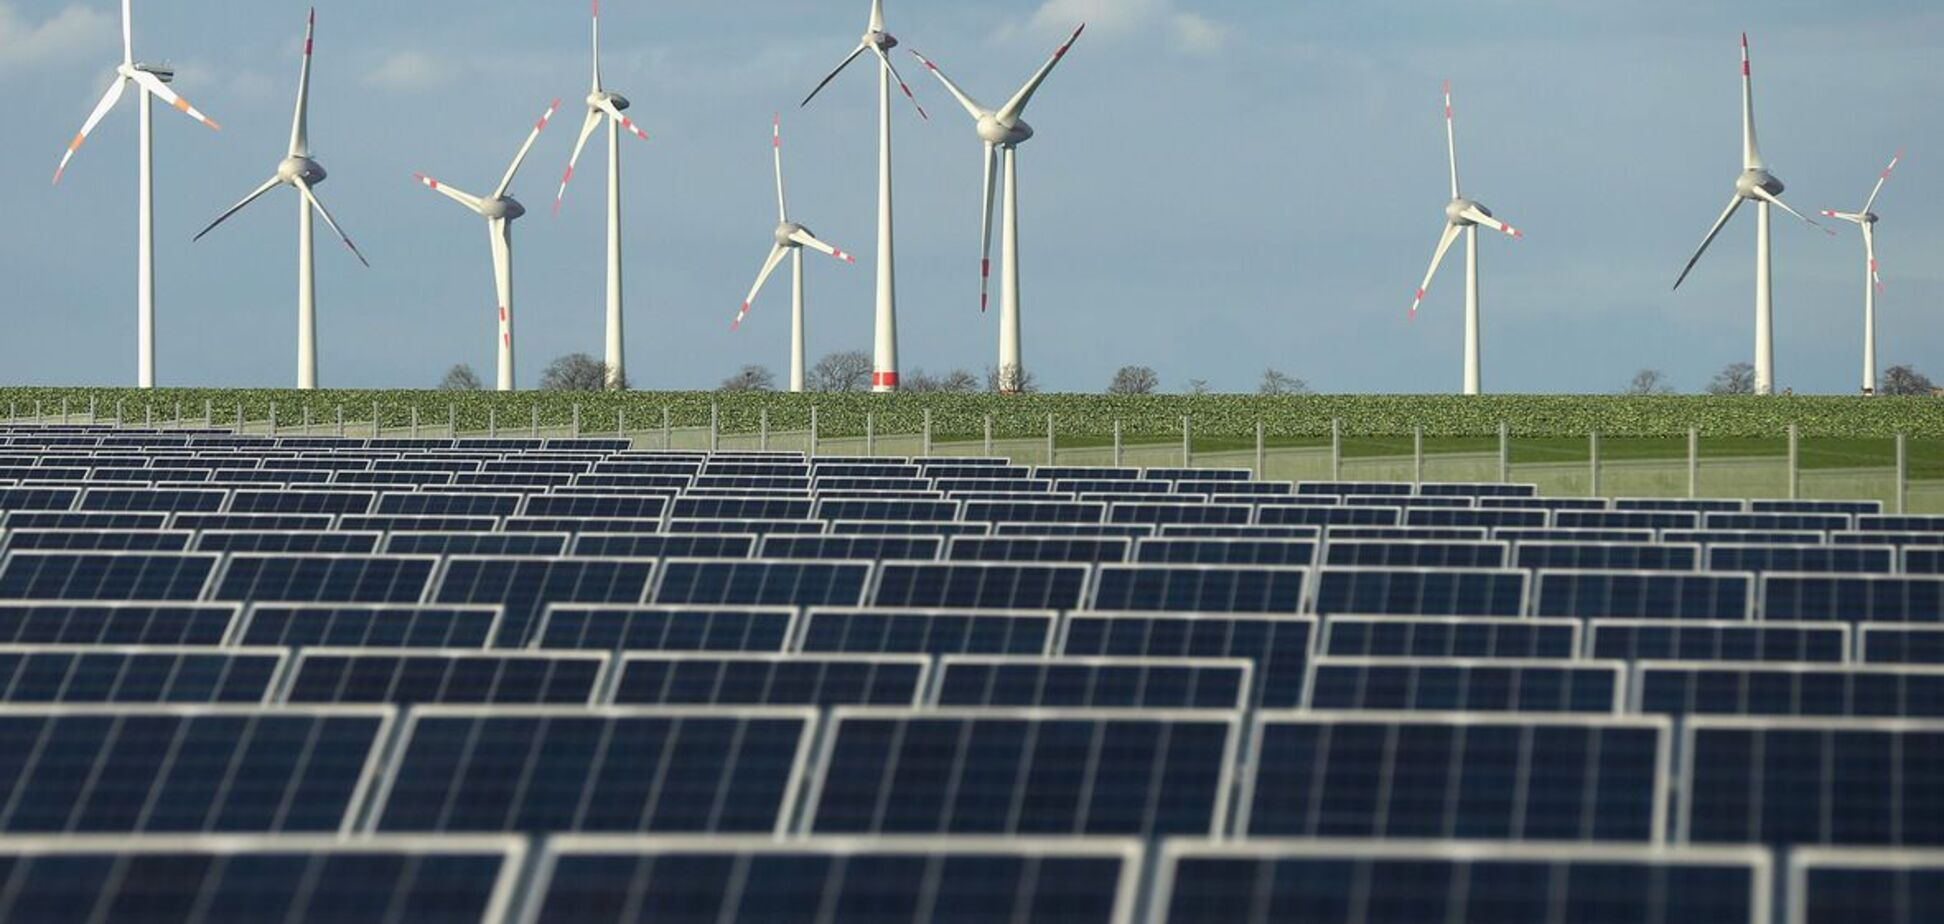 Понад 80% українців хочуть розвитку 'зеленої' енергетики для покращення екології – опитування